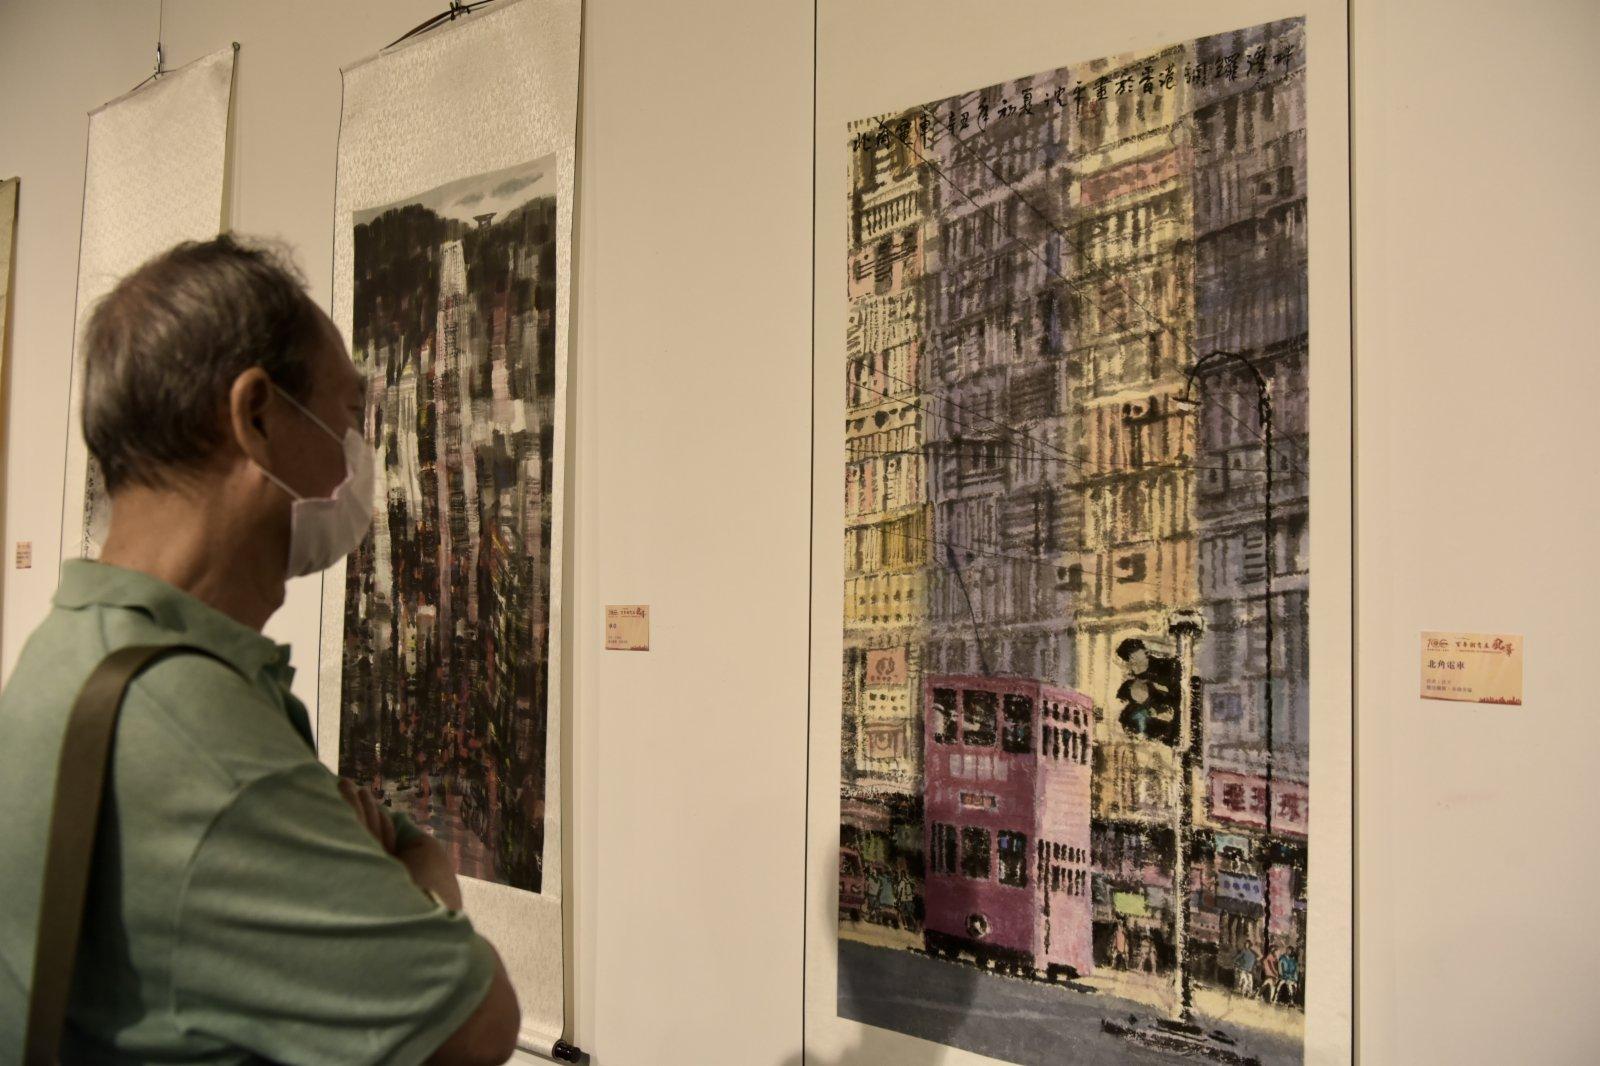 觀眾在「百年潮商展風華」書畫攝影展上參觀。(中新社)